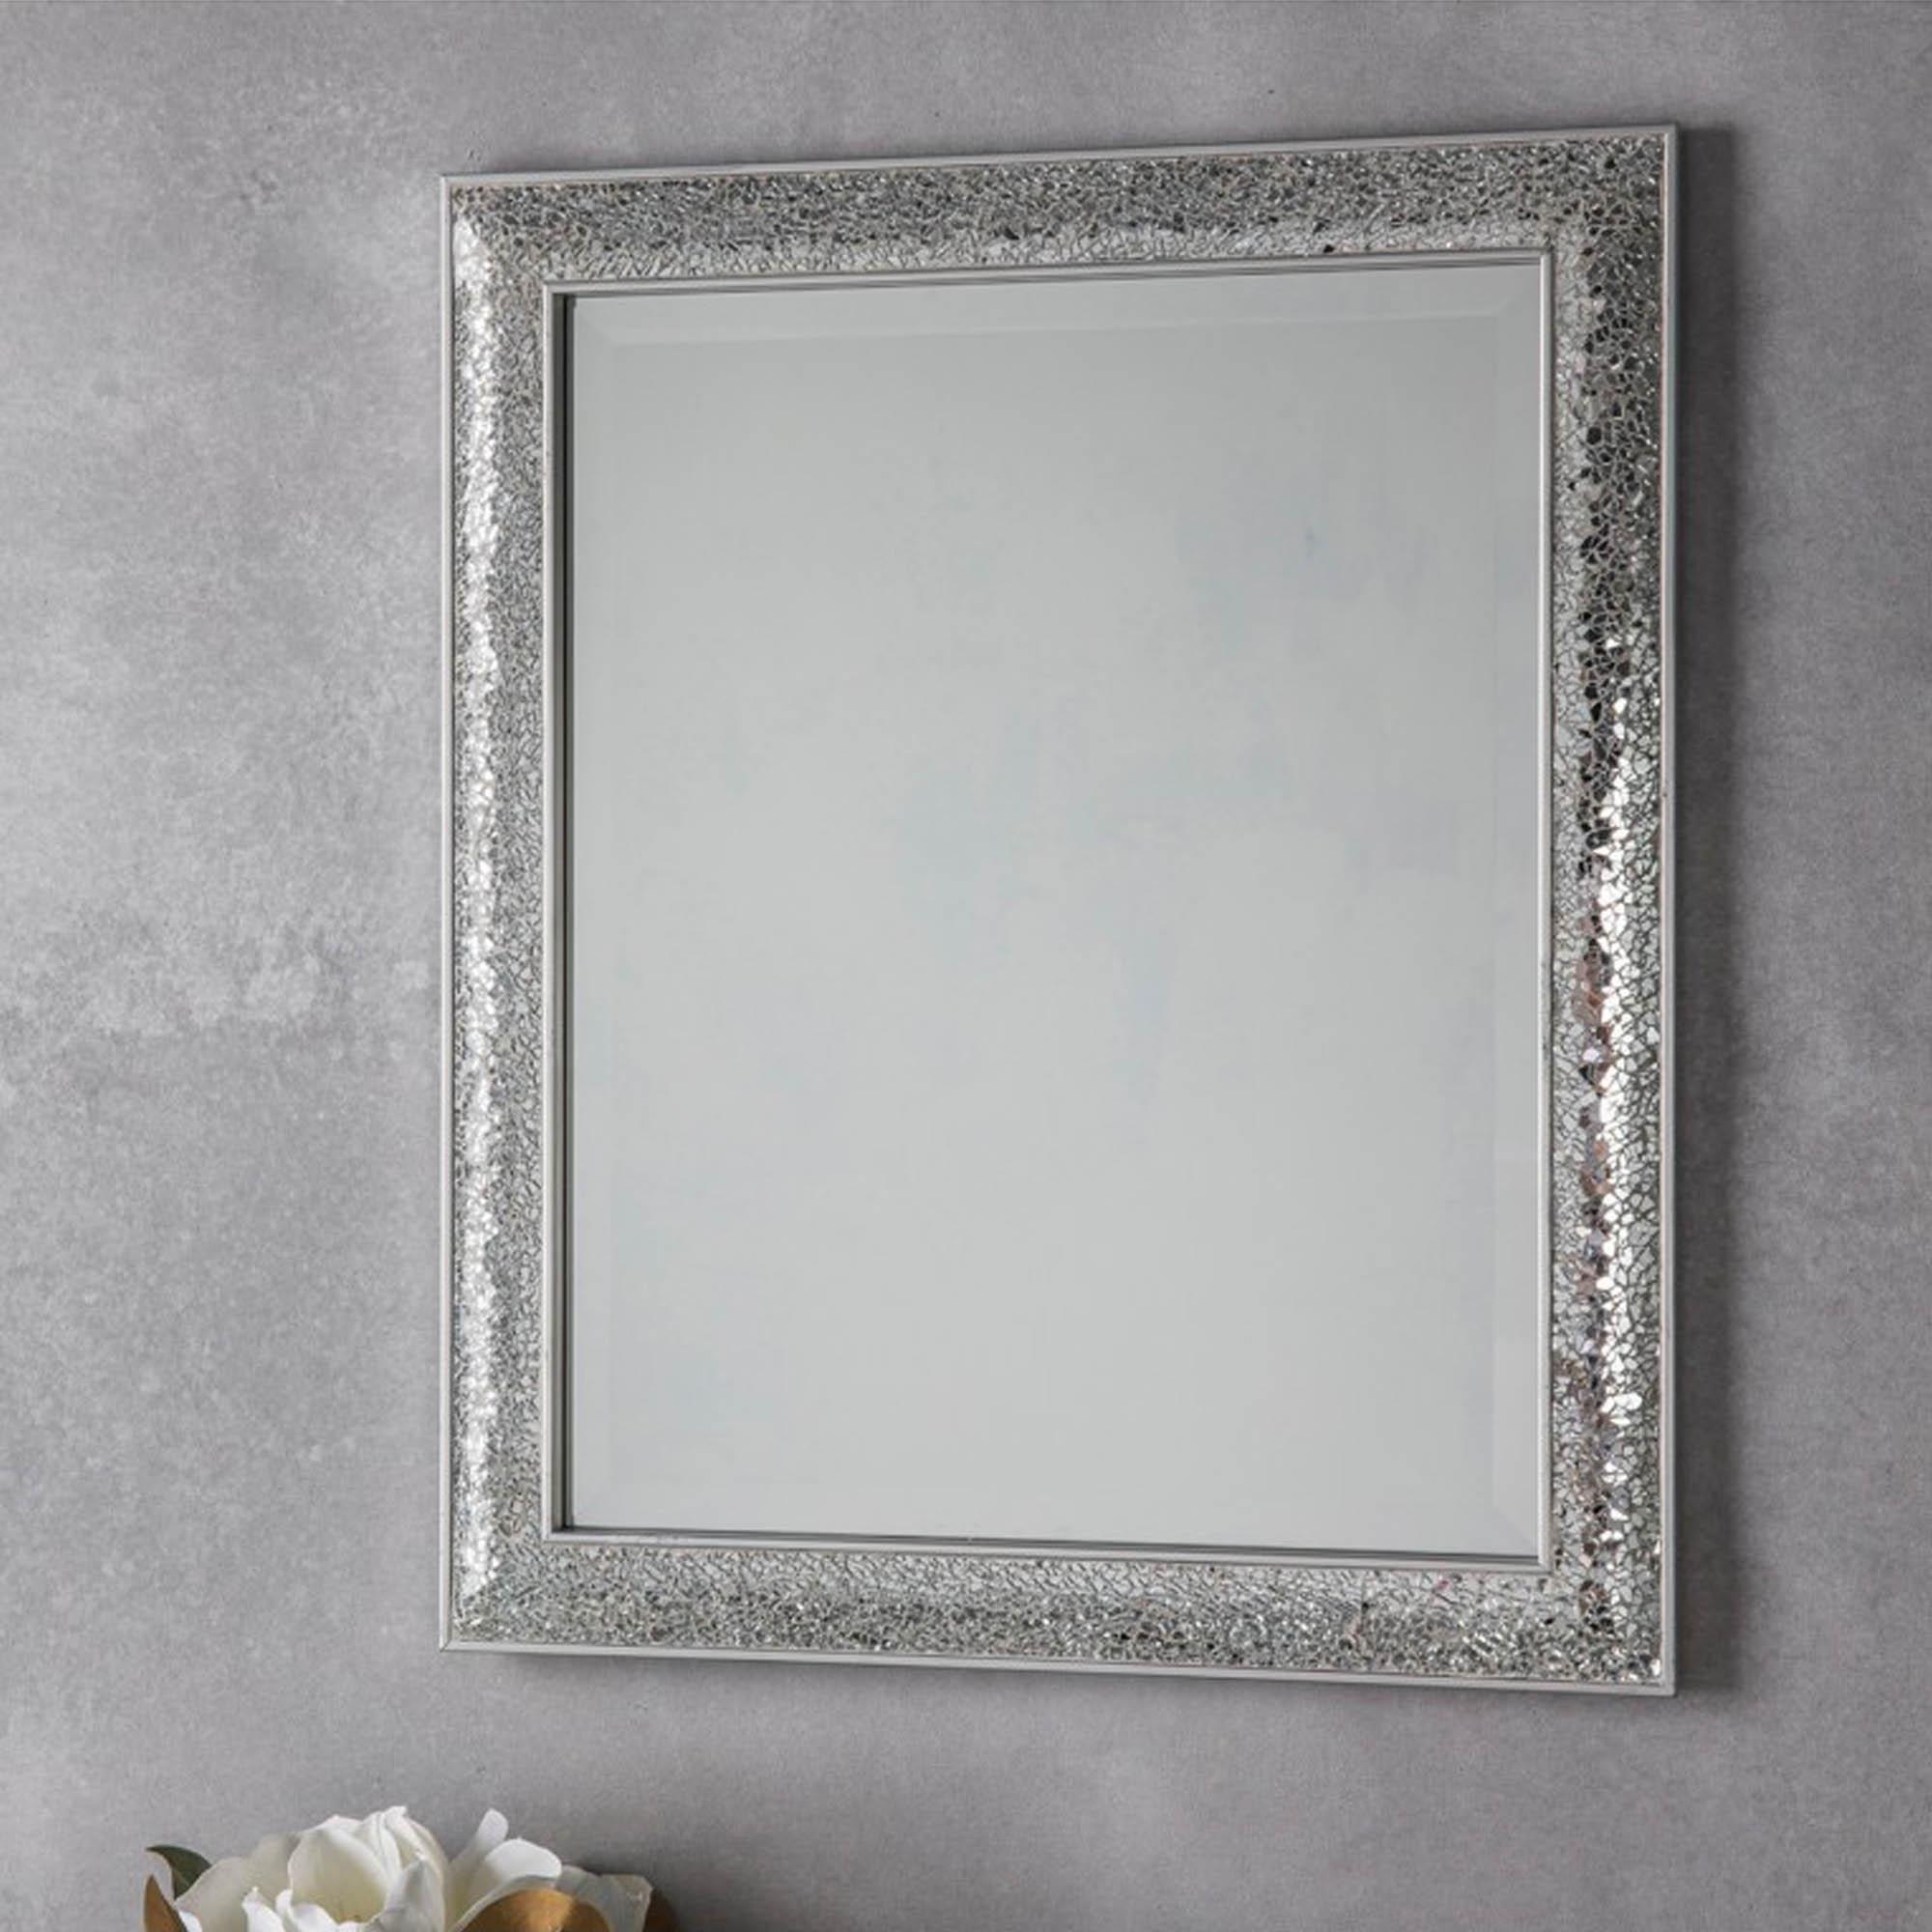 Francis Wall Mirrors (4pk)